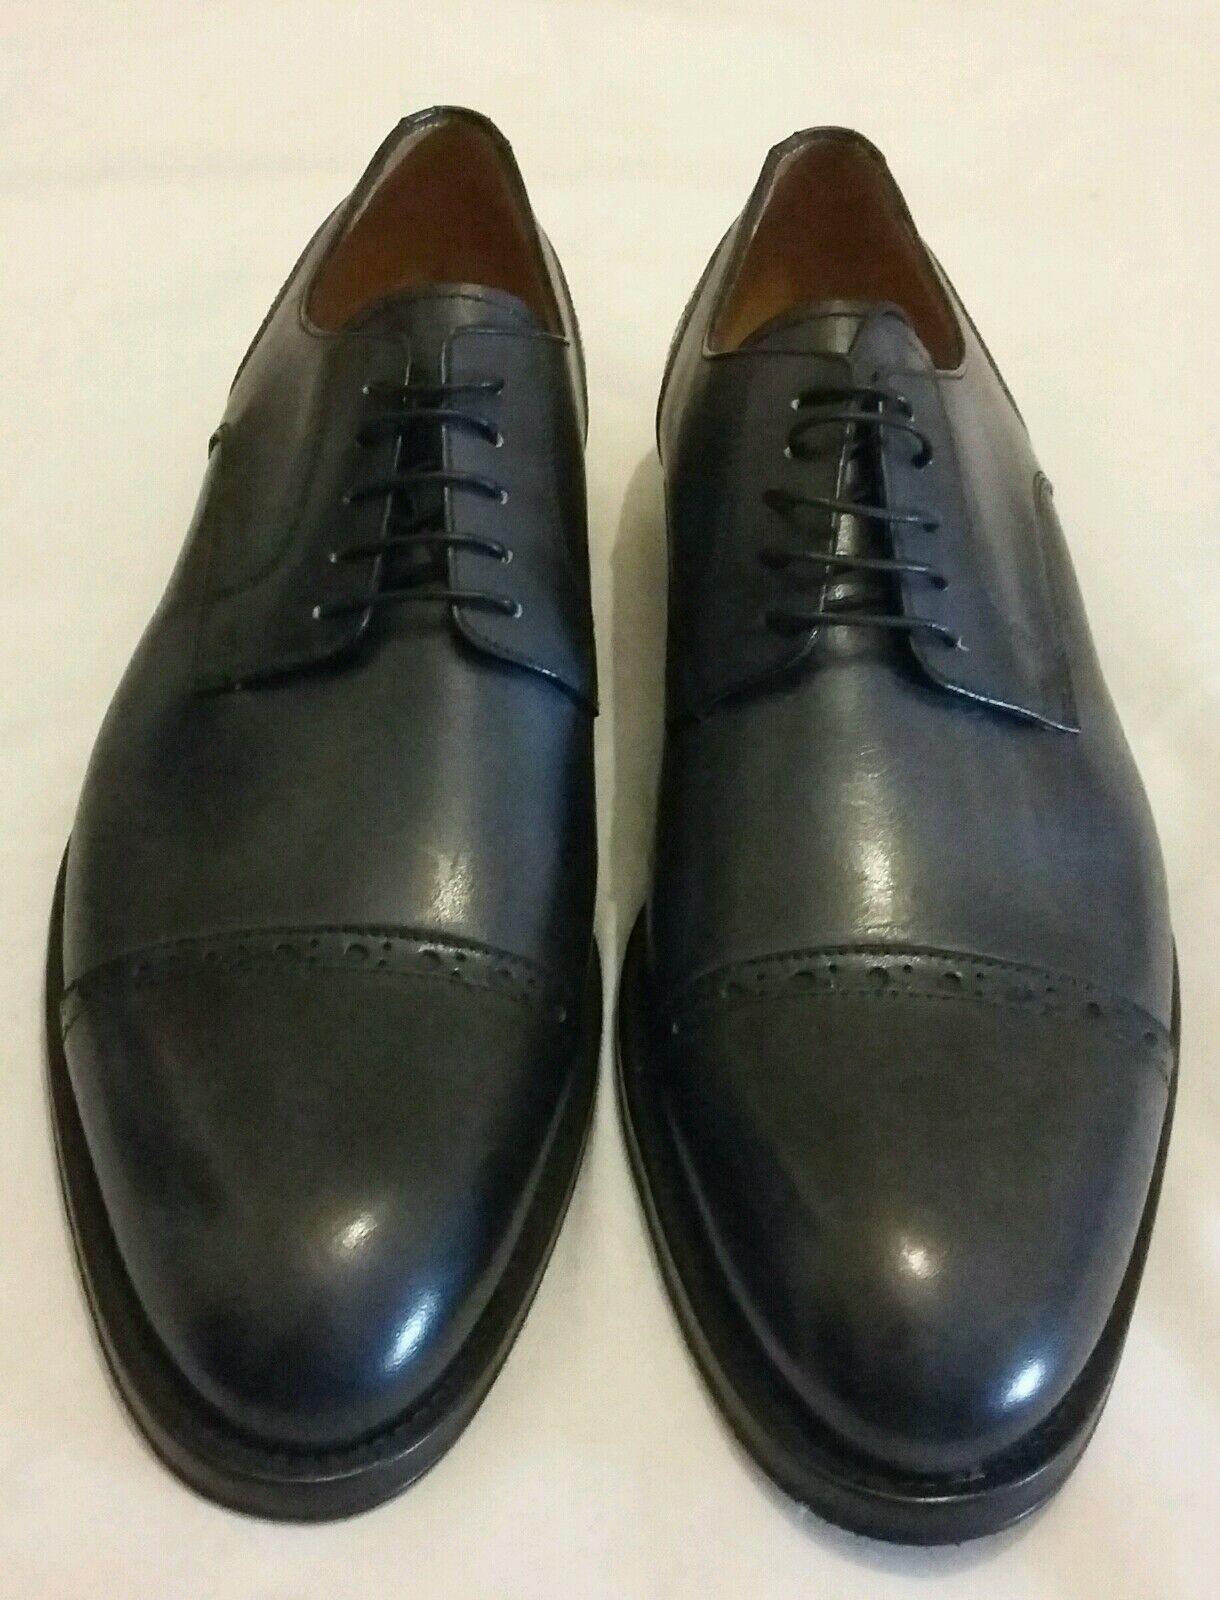 FLECS R1611 Derby Cuero Calado Para Hombre De Cuero Con Cordones Zapatos gris